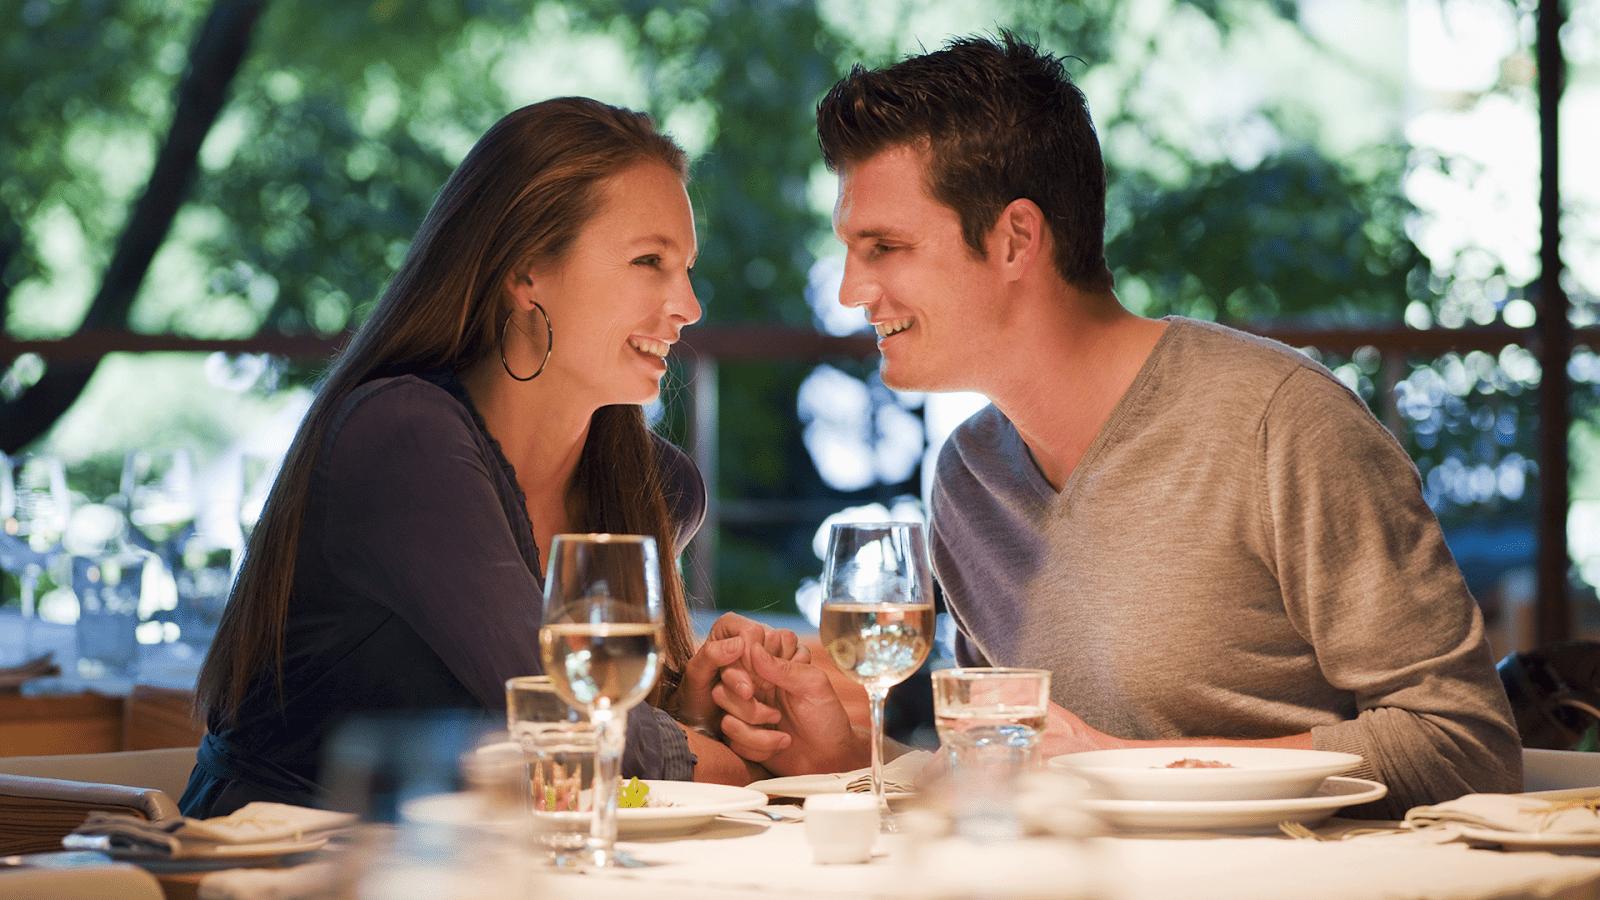 Một nhà hàng để ăn tối trong khung cảnh ấm áp và lãng mạn